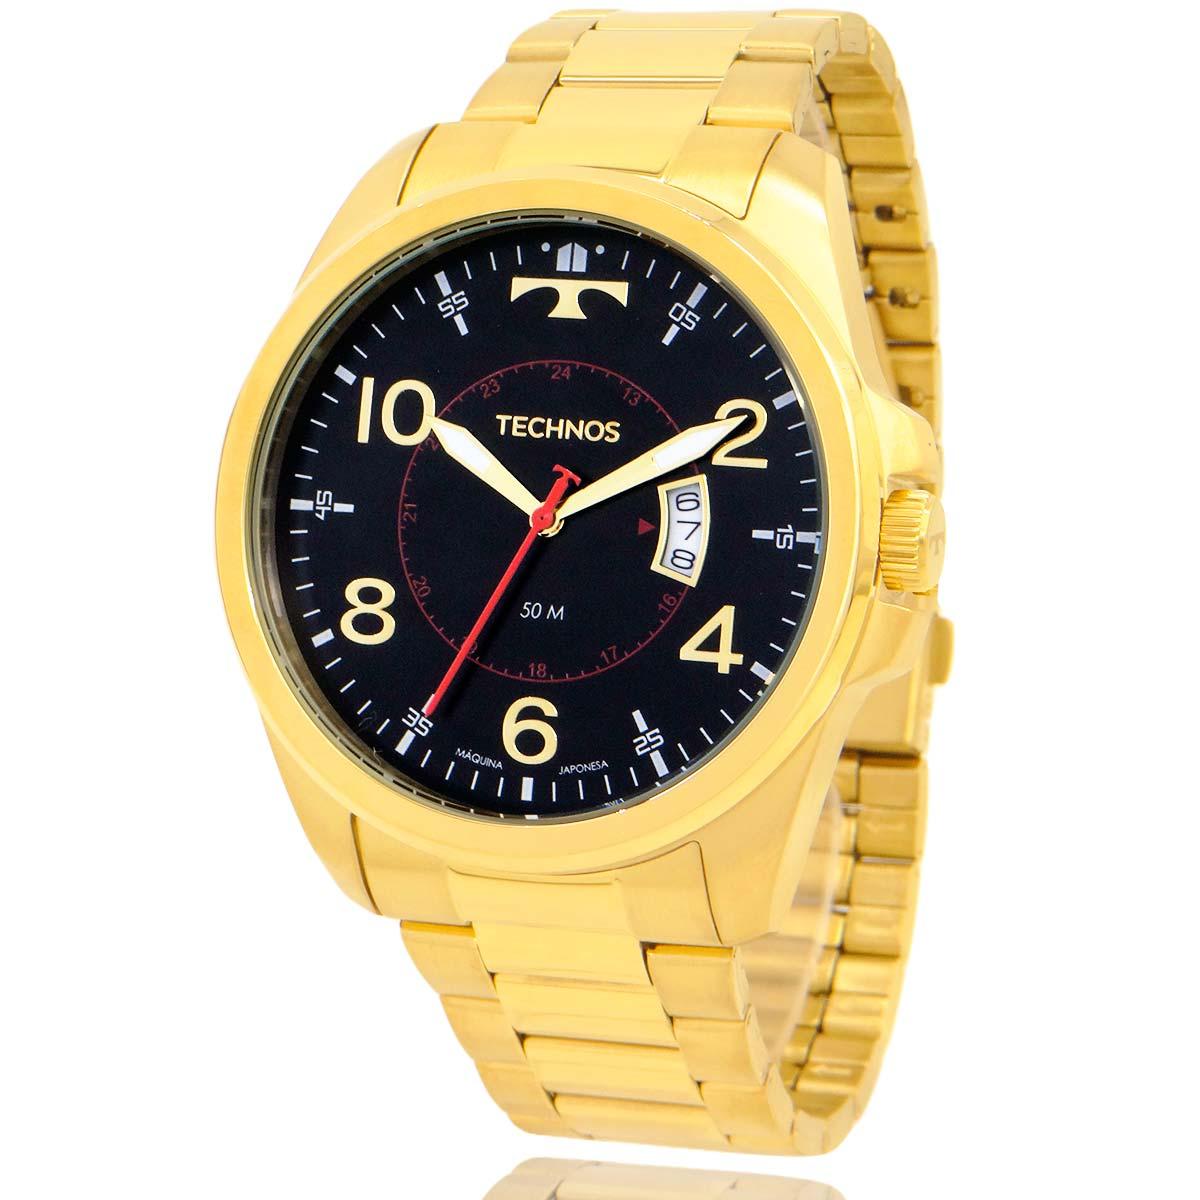 Relógio Technos Masculino Dourado 2115MYRK1P com Carteira Lebrave de Brinde